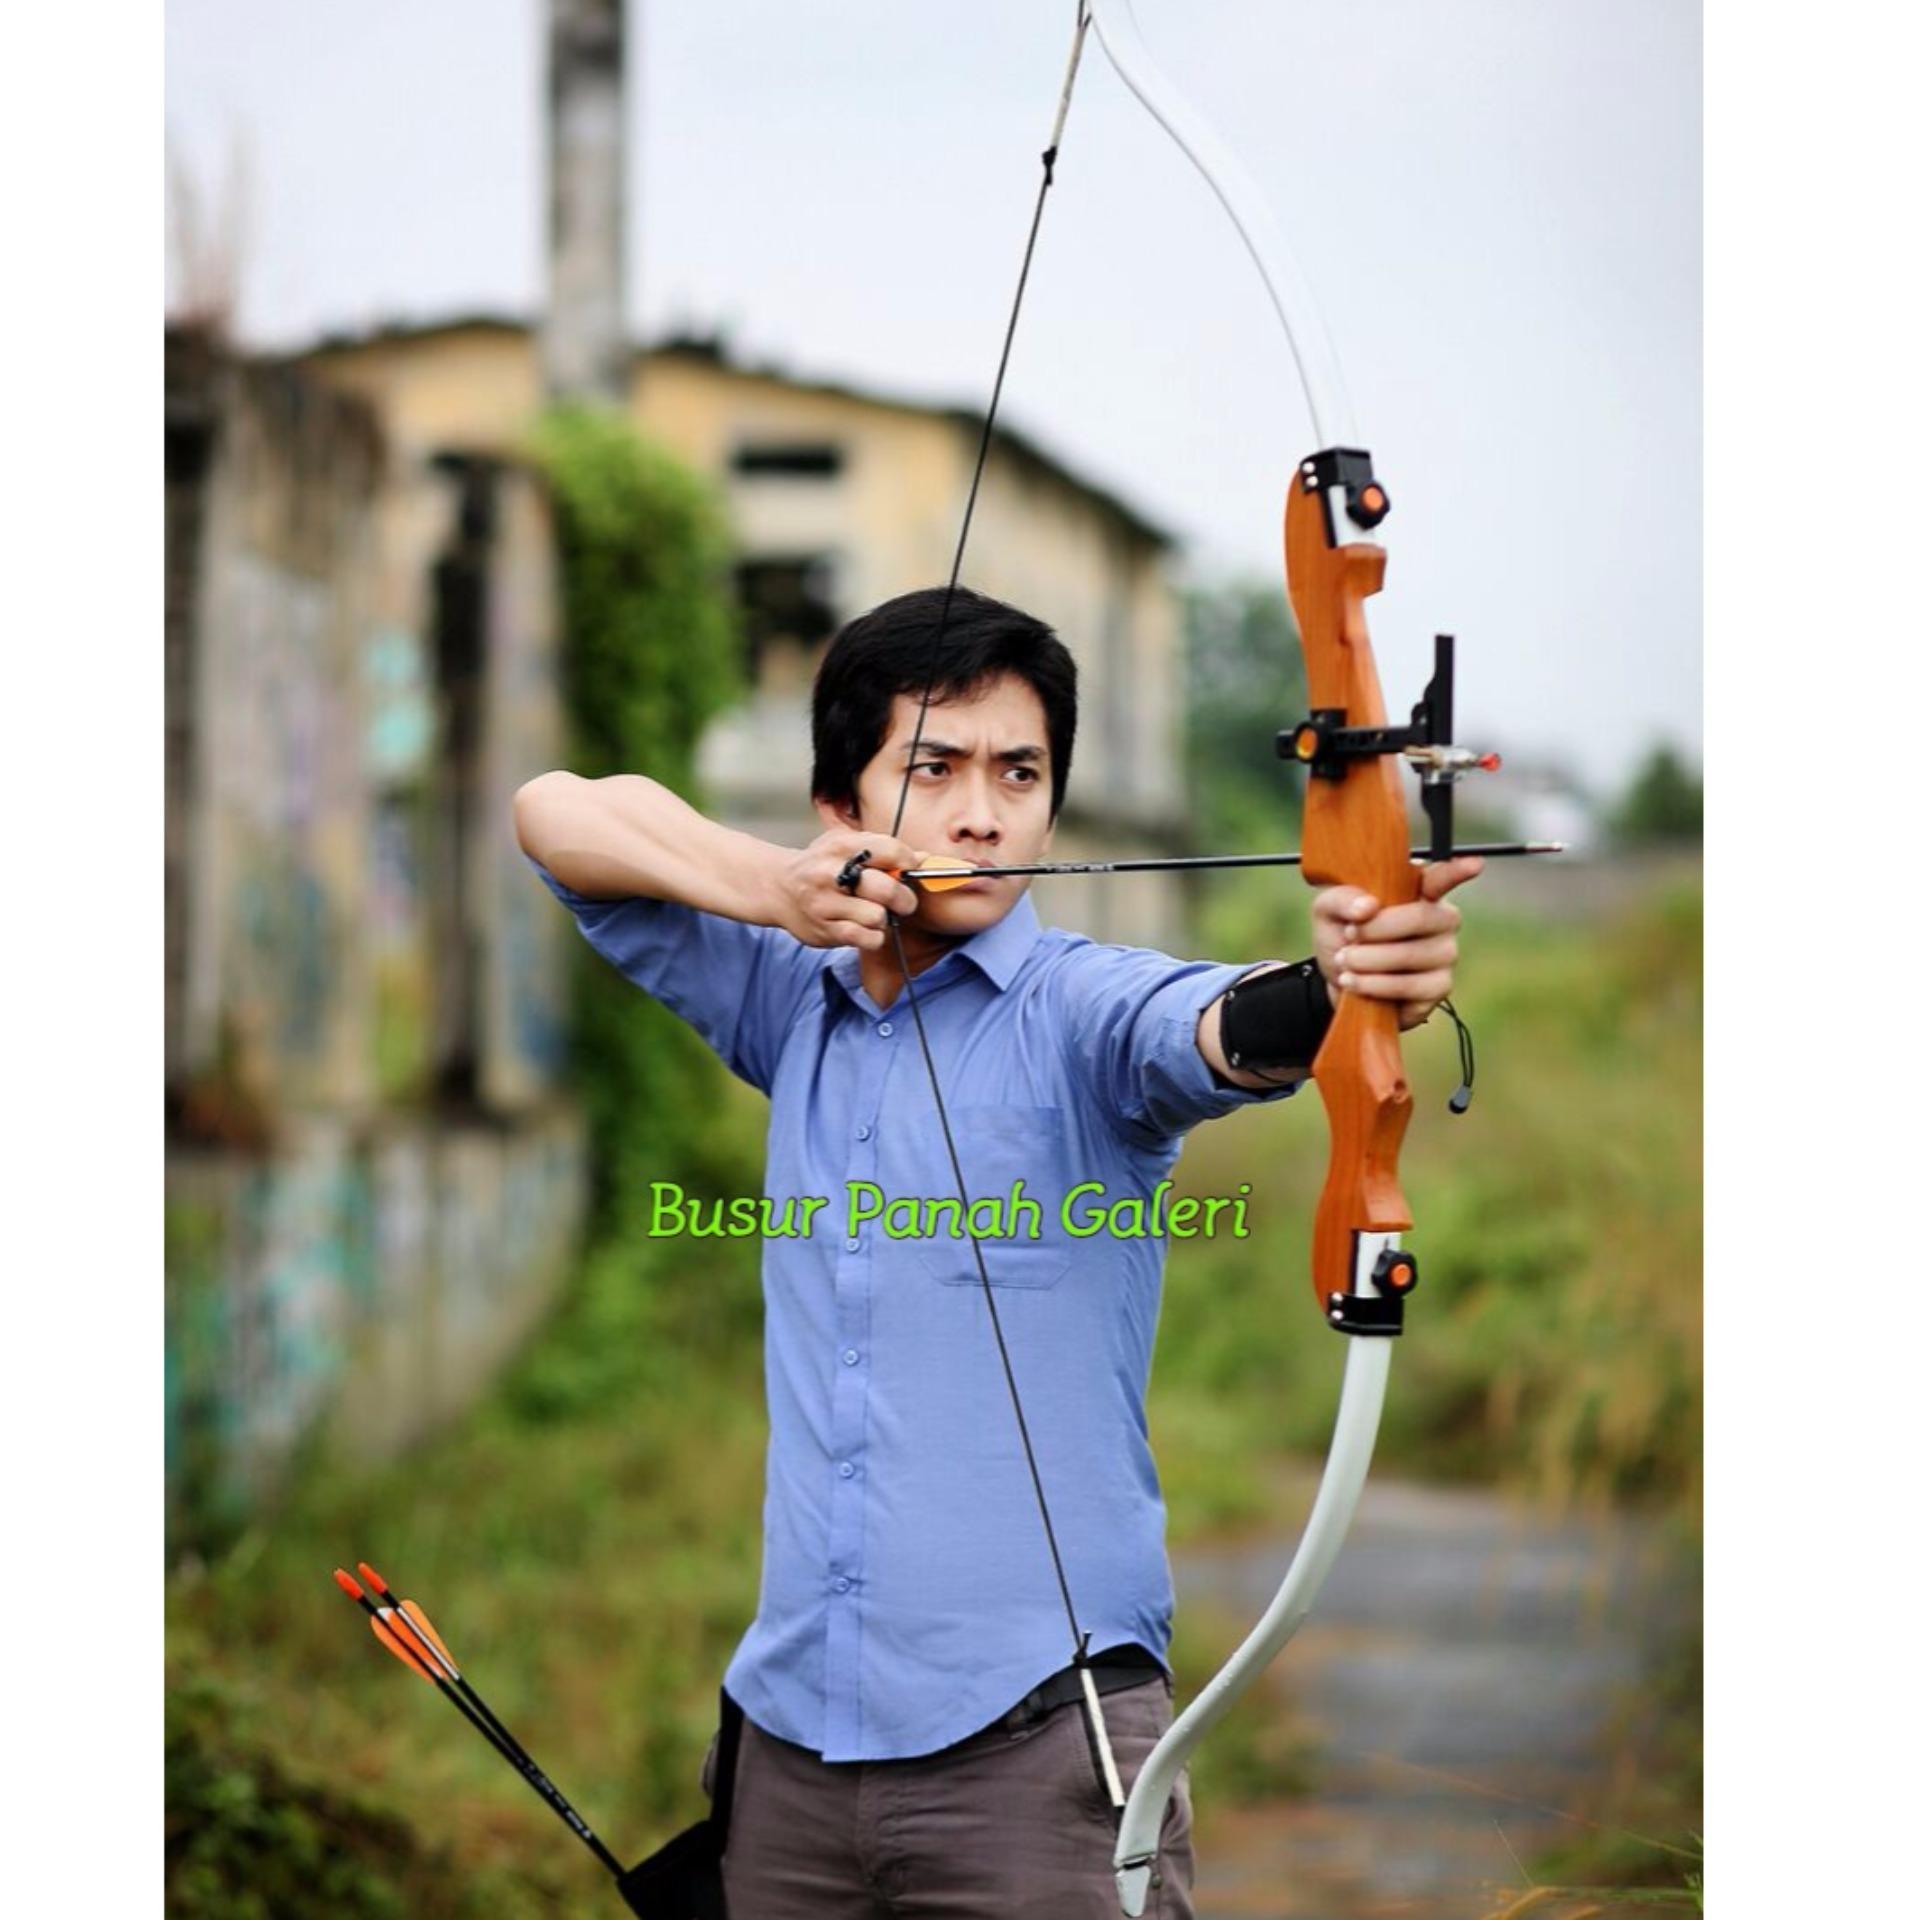 Spek Woodenbow Recurvebonus Yang Di Dapat 3 Arrow 1 Fiber 1 Almunium 1 Bambu Sesuai Setok No Complen Bonus 1 Target Panduan Memanah Pemula Archery